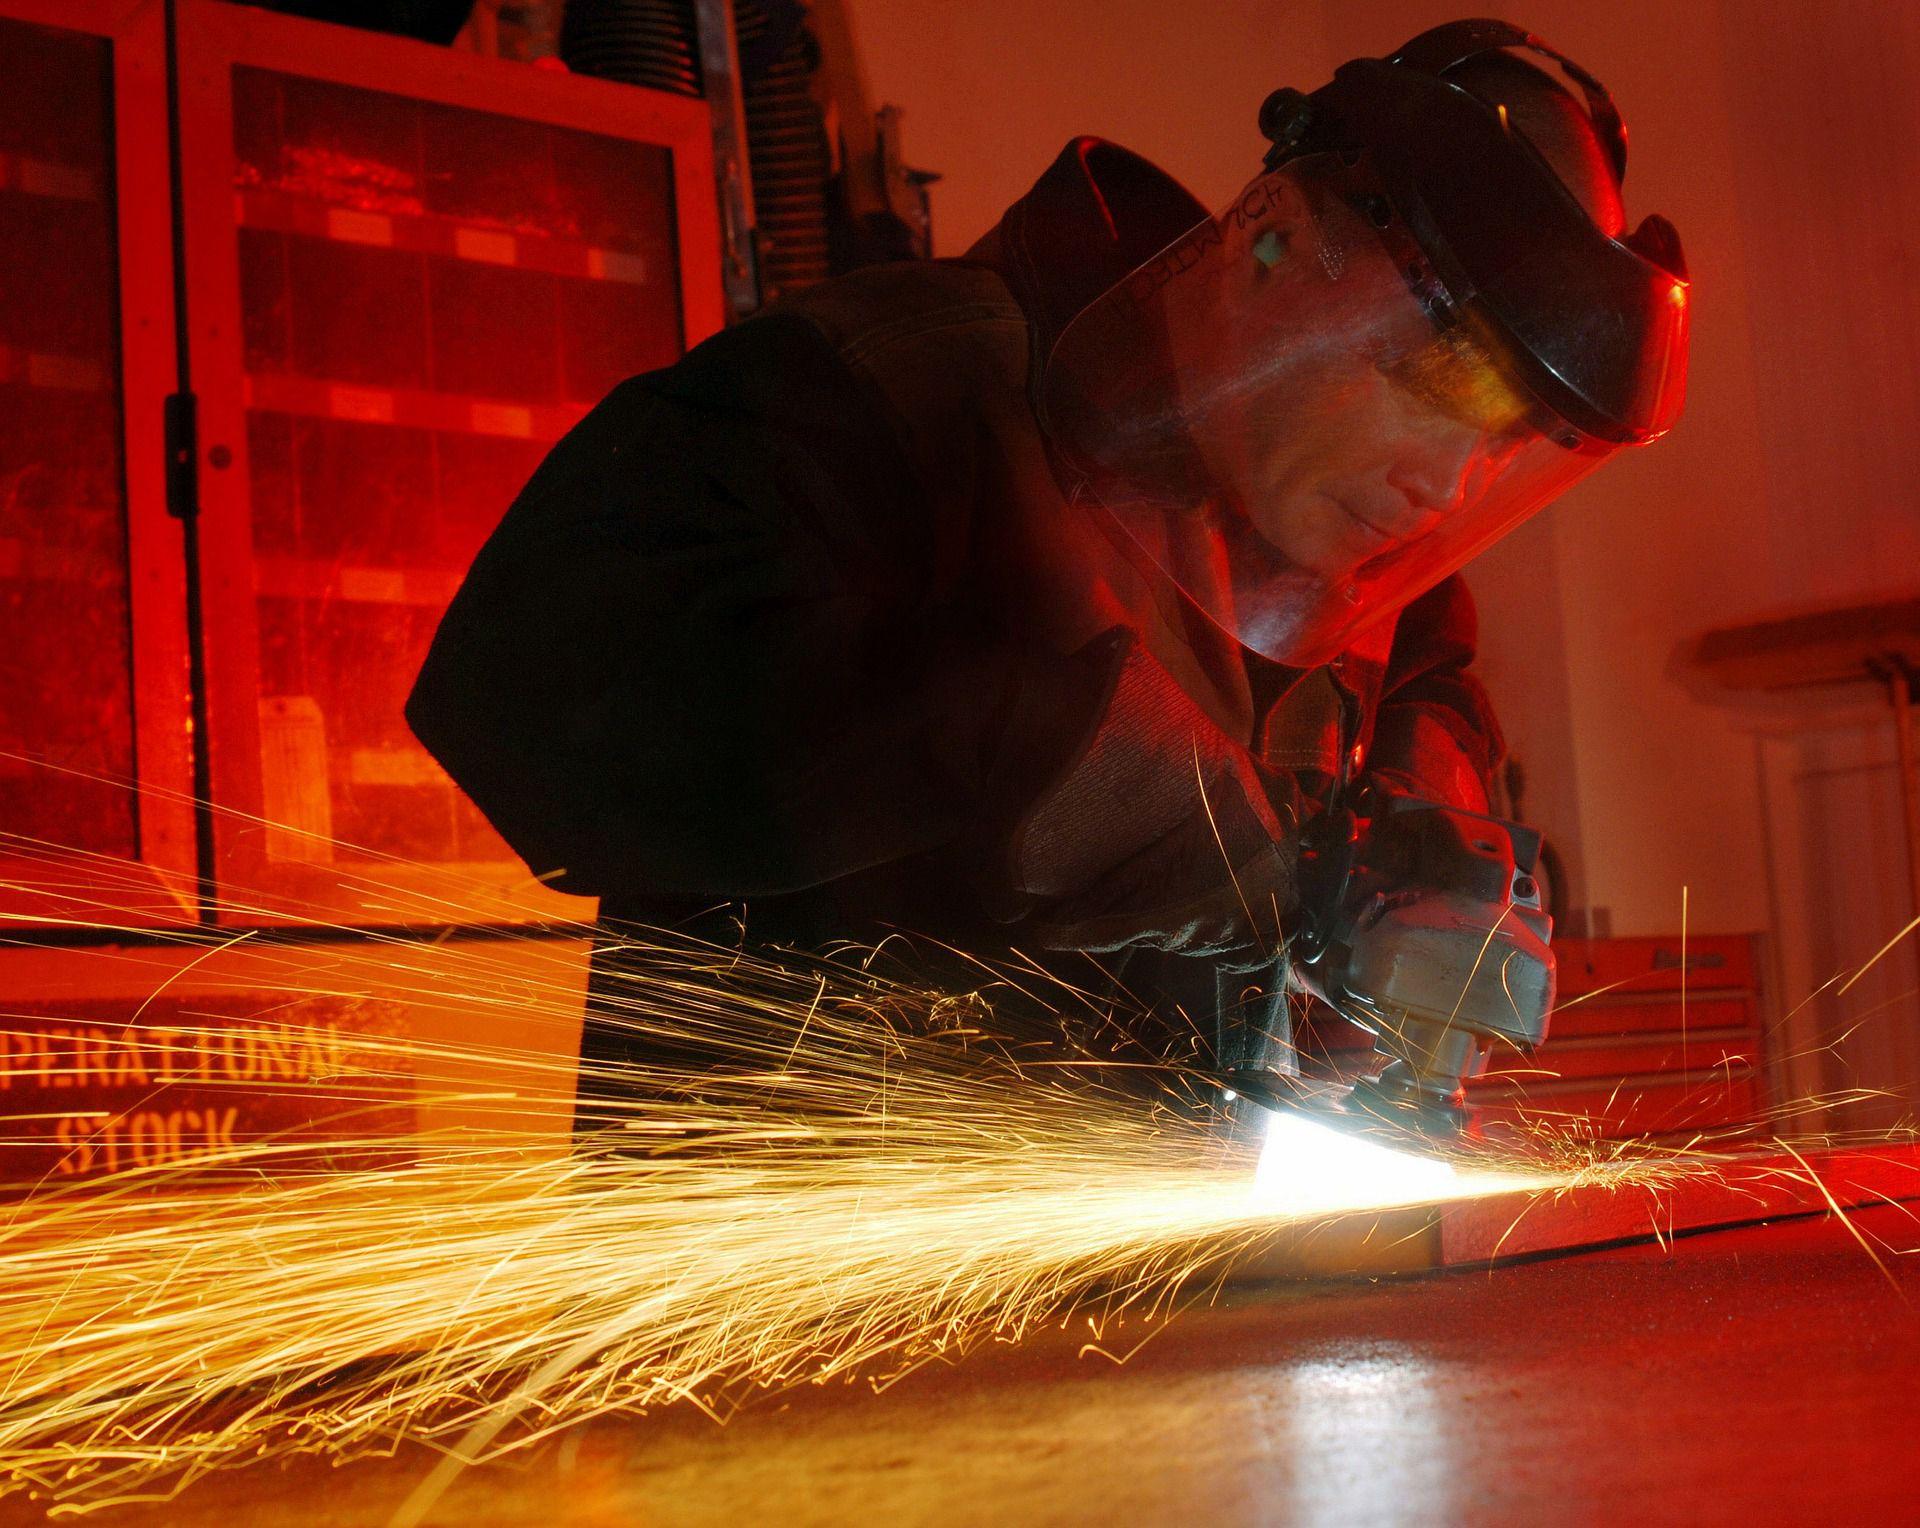 Le métier de métallier serrurier requiert de la précision. Photo PIxabay